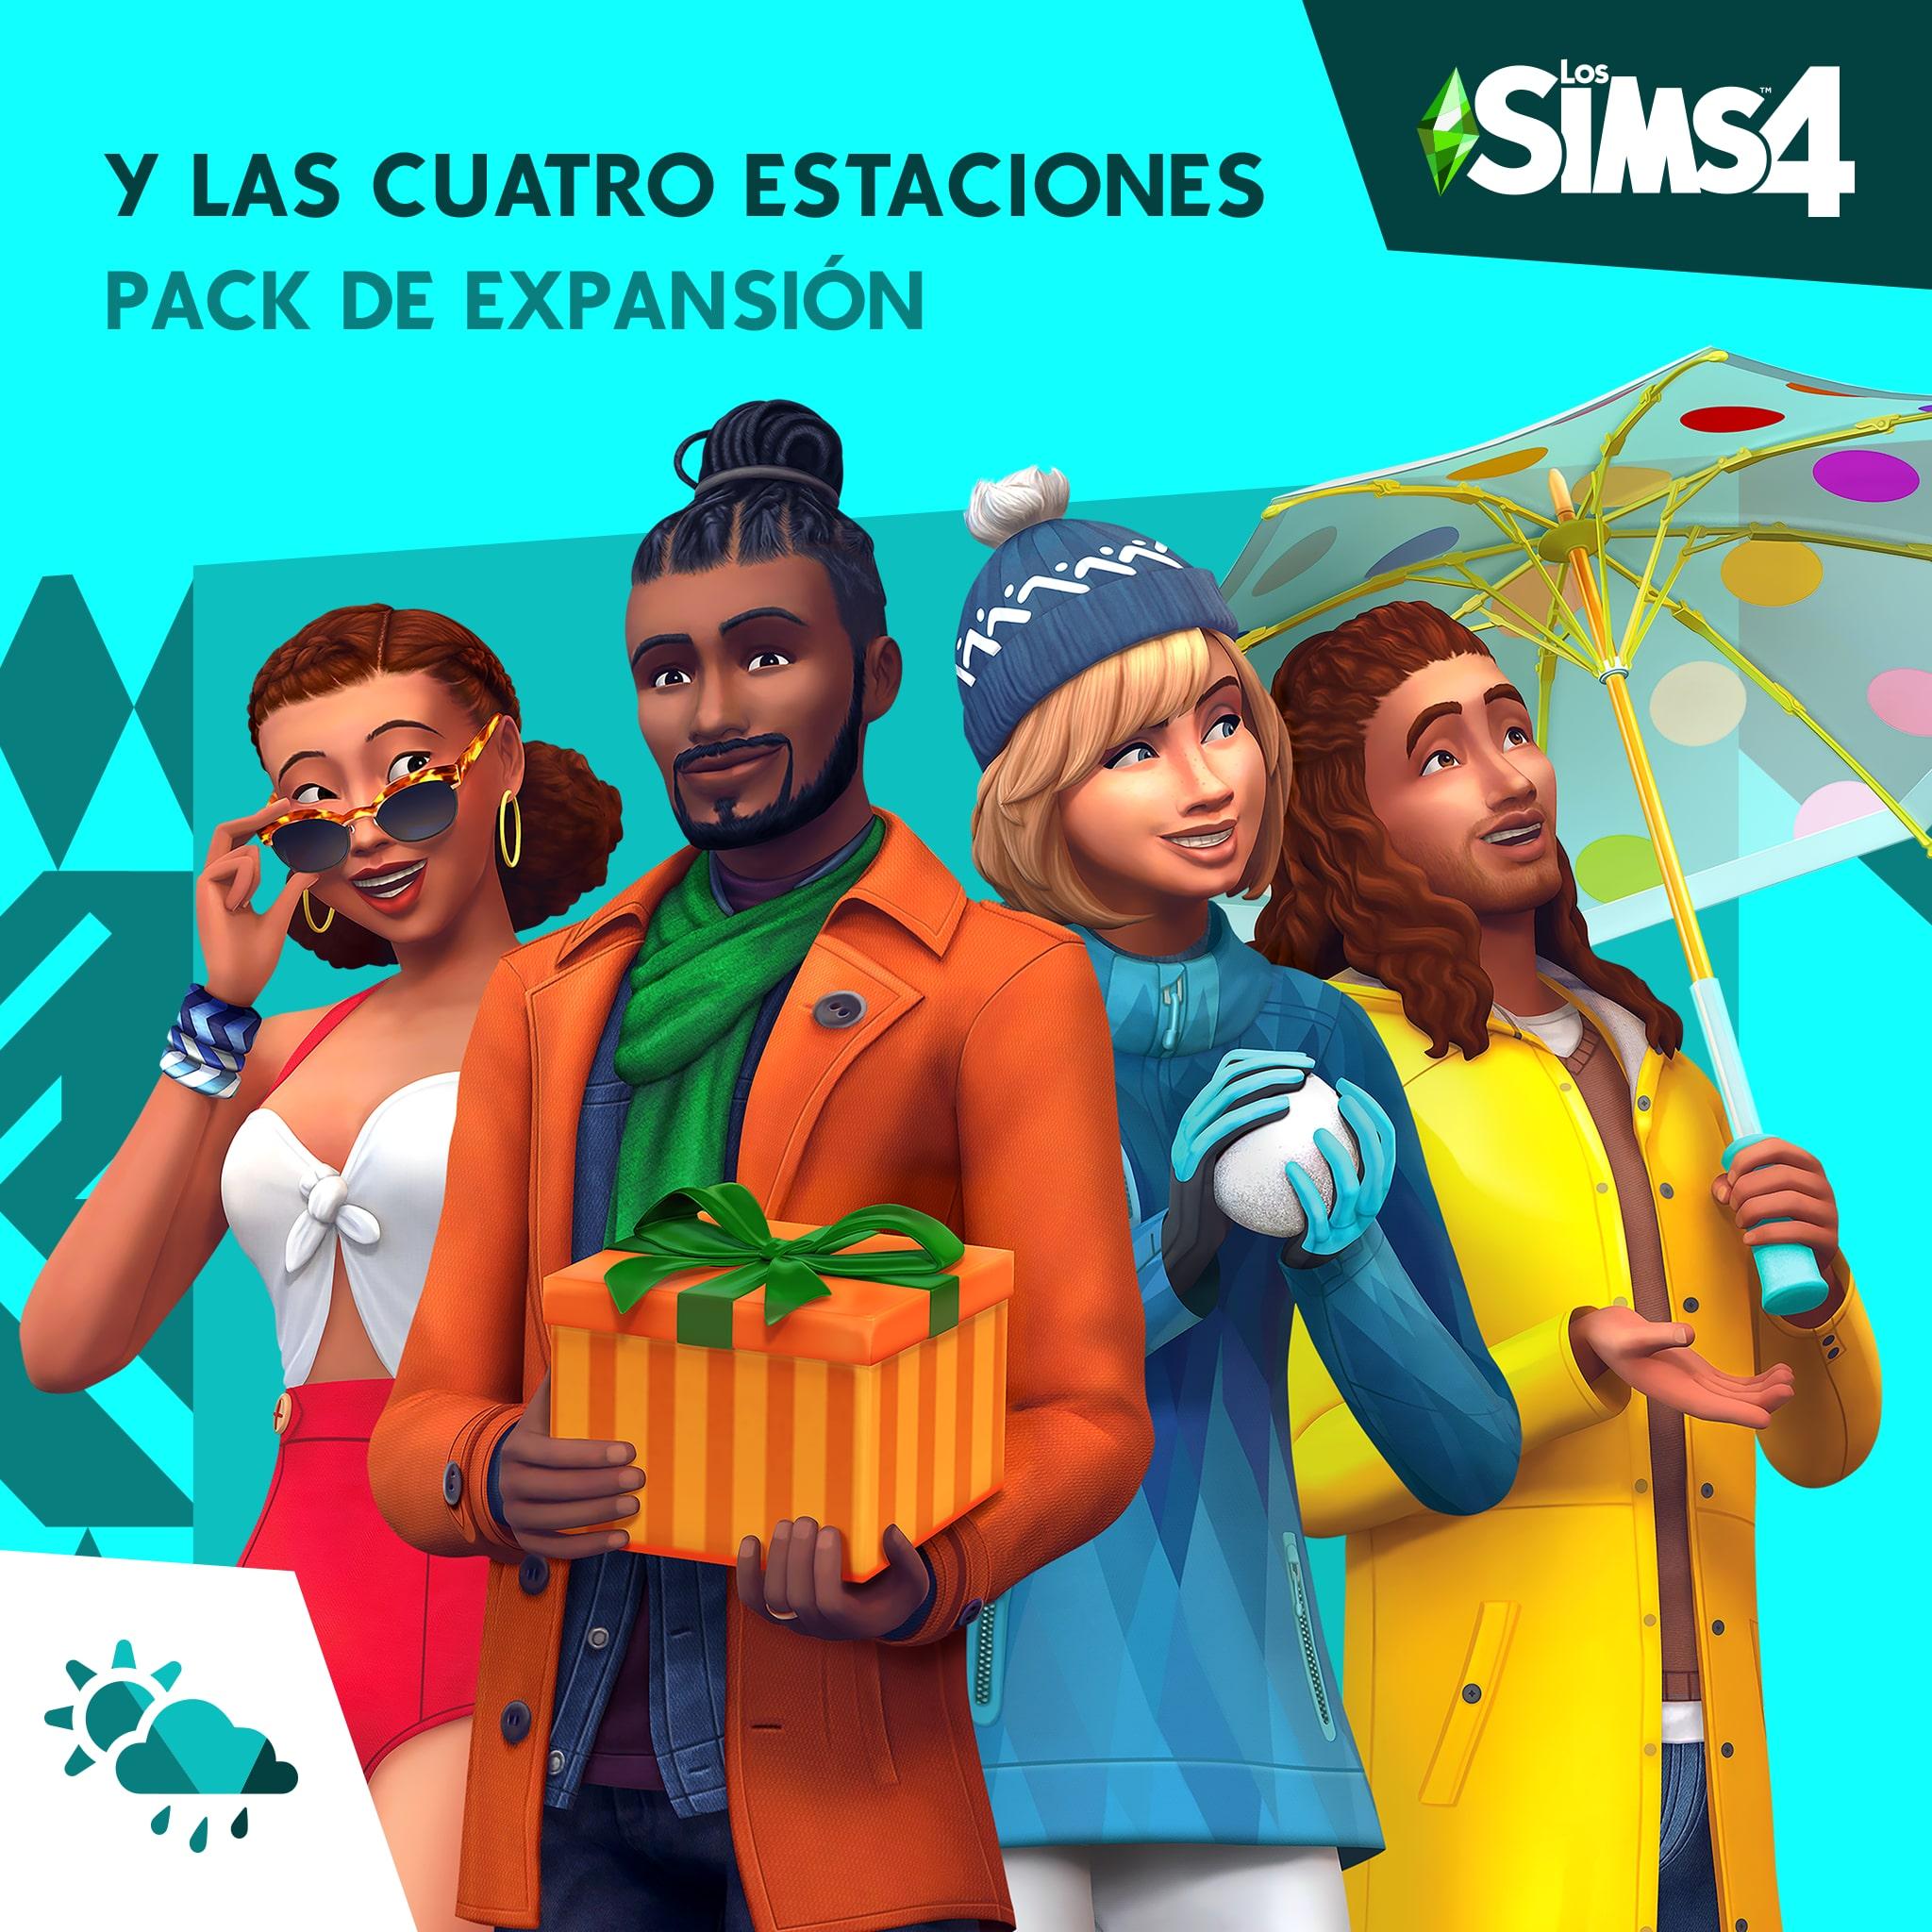 Los Sims™ 4 Y Las Cuatro Estaciones